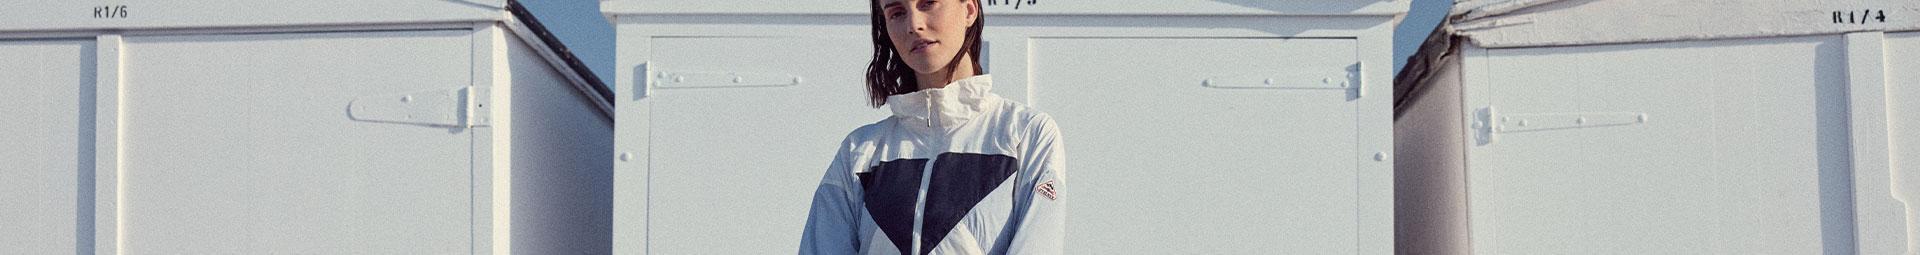 Pyrenex collection femme printemps été 2020 : veste de mi saison, t-shirt, accessoires